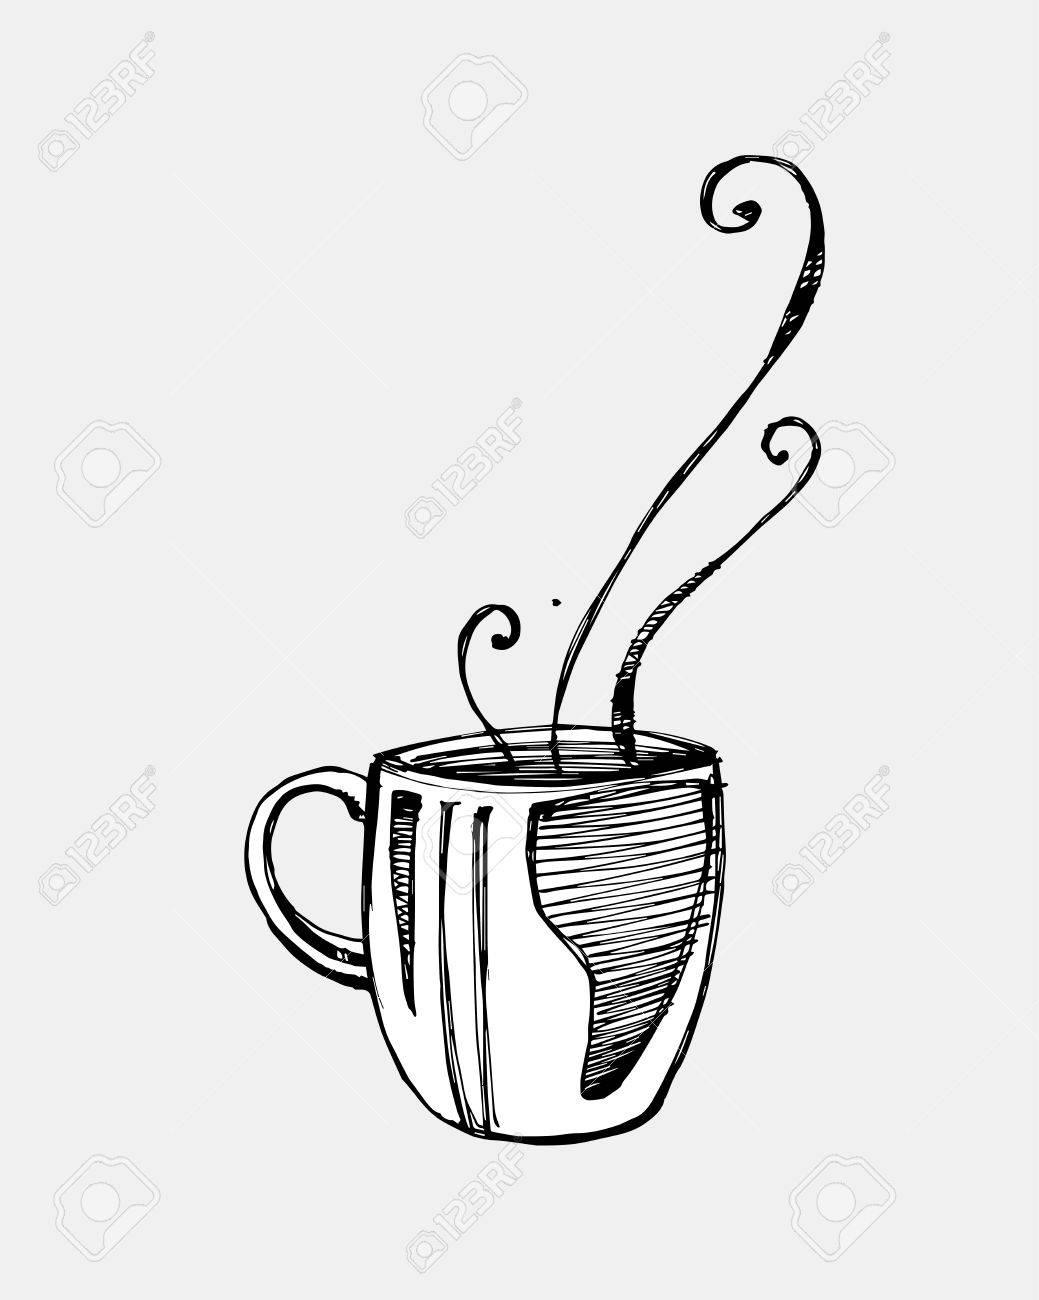 Dessin Tasse De Café Fumant hand drawn vector illustration ou un dessin de tasse de café fumant